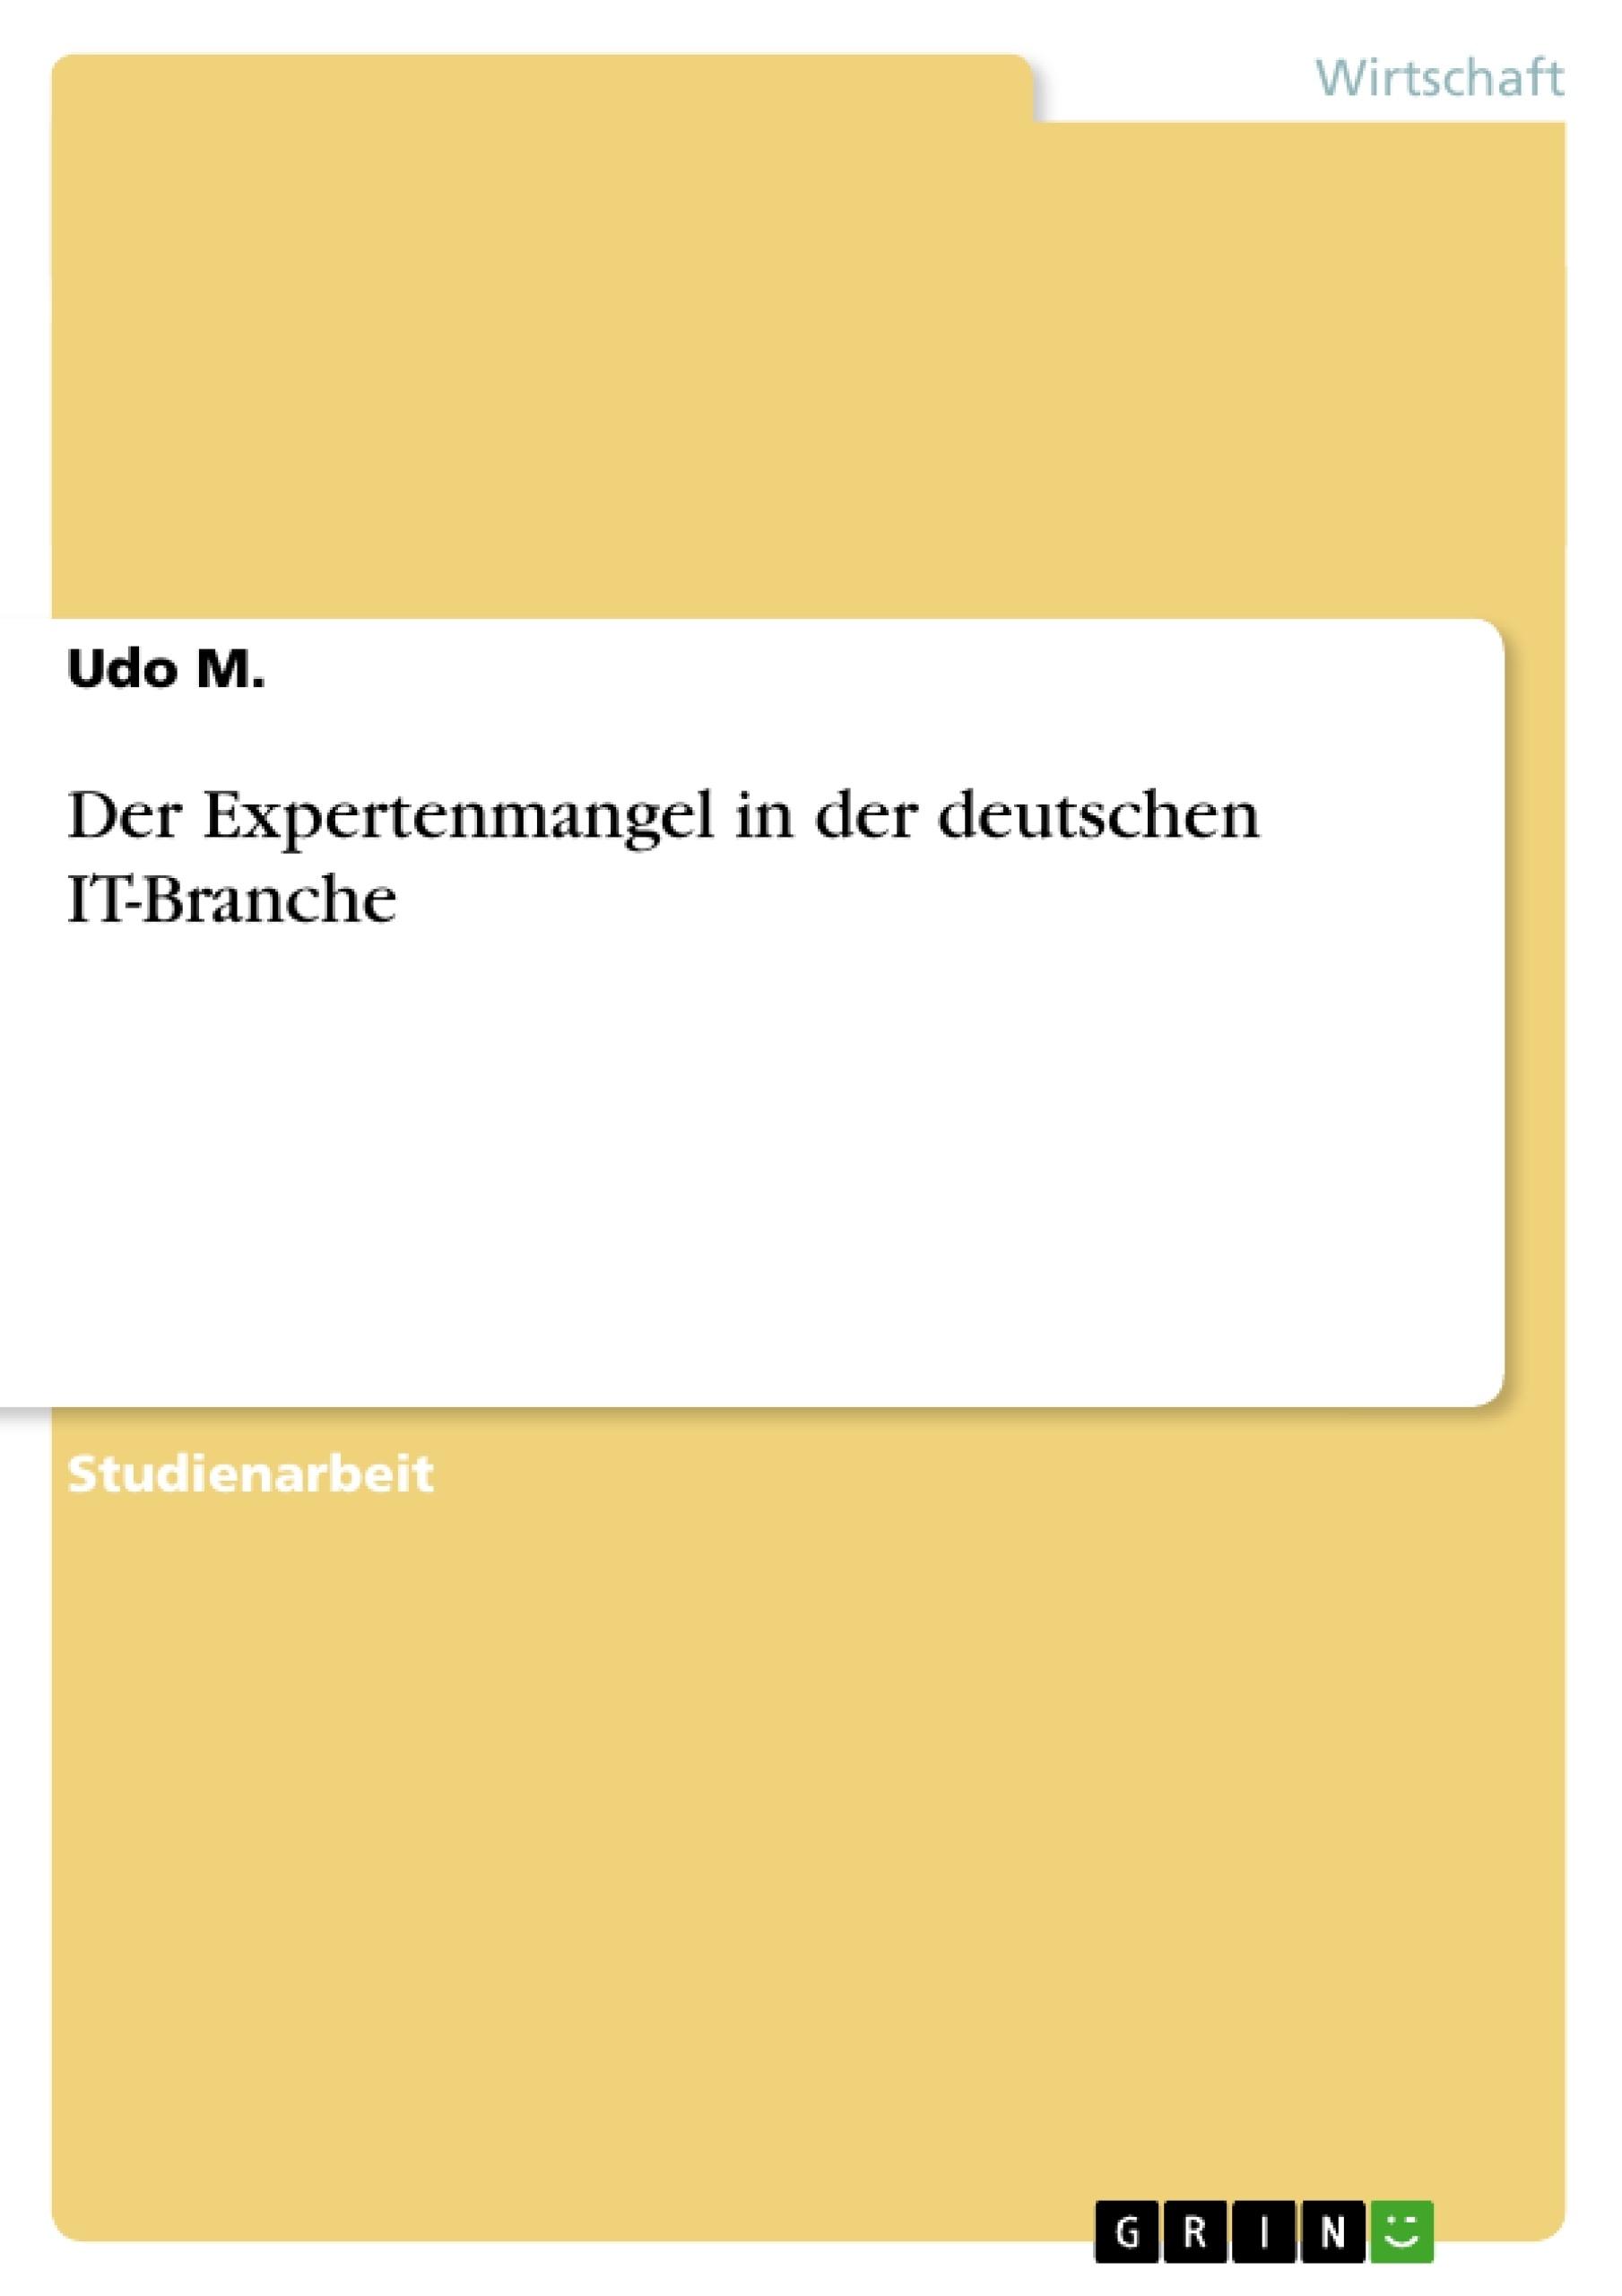 Titel: Der Expertenmangel in der deutschen IT-Branche